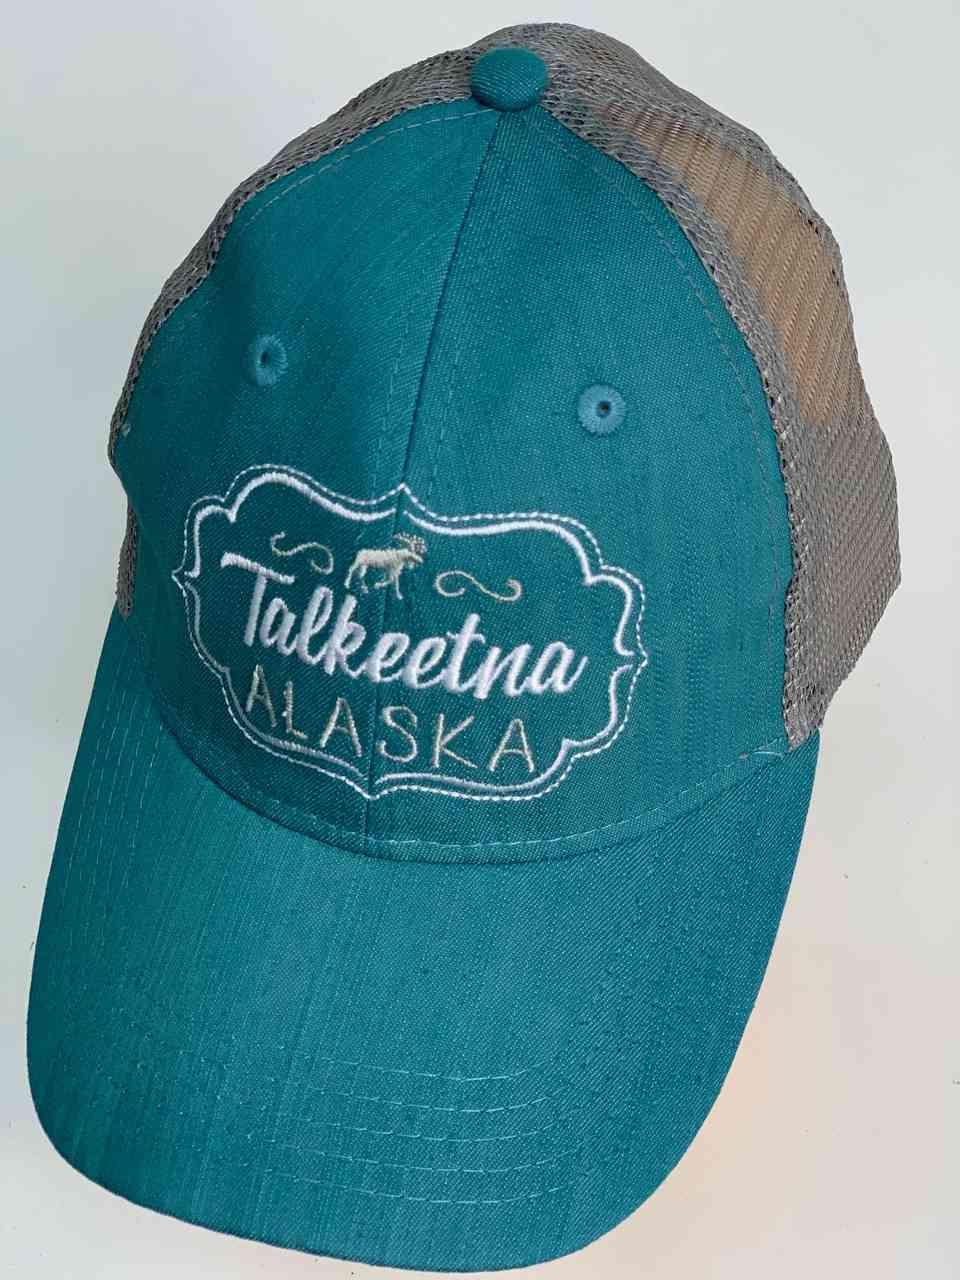 Яркая бейсболка с сеткой Talkeetna Alaska